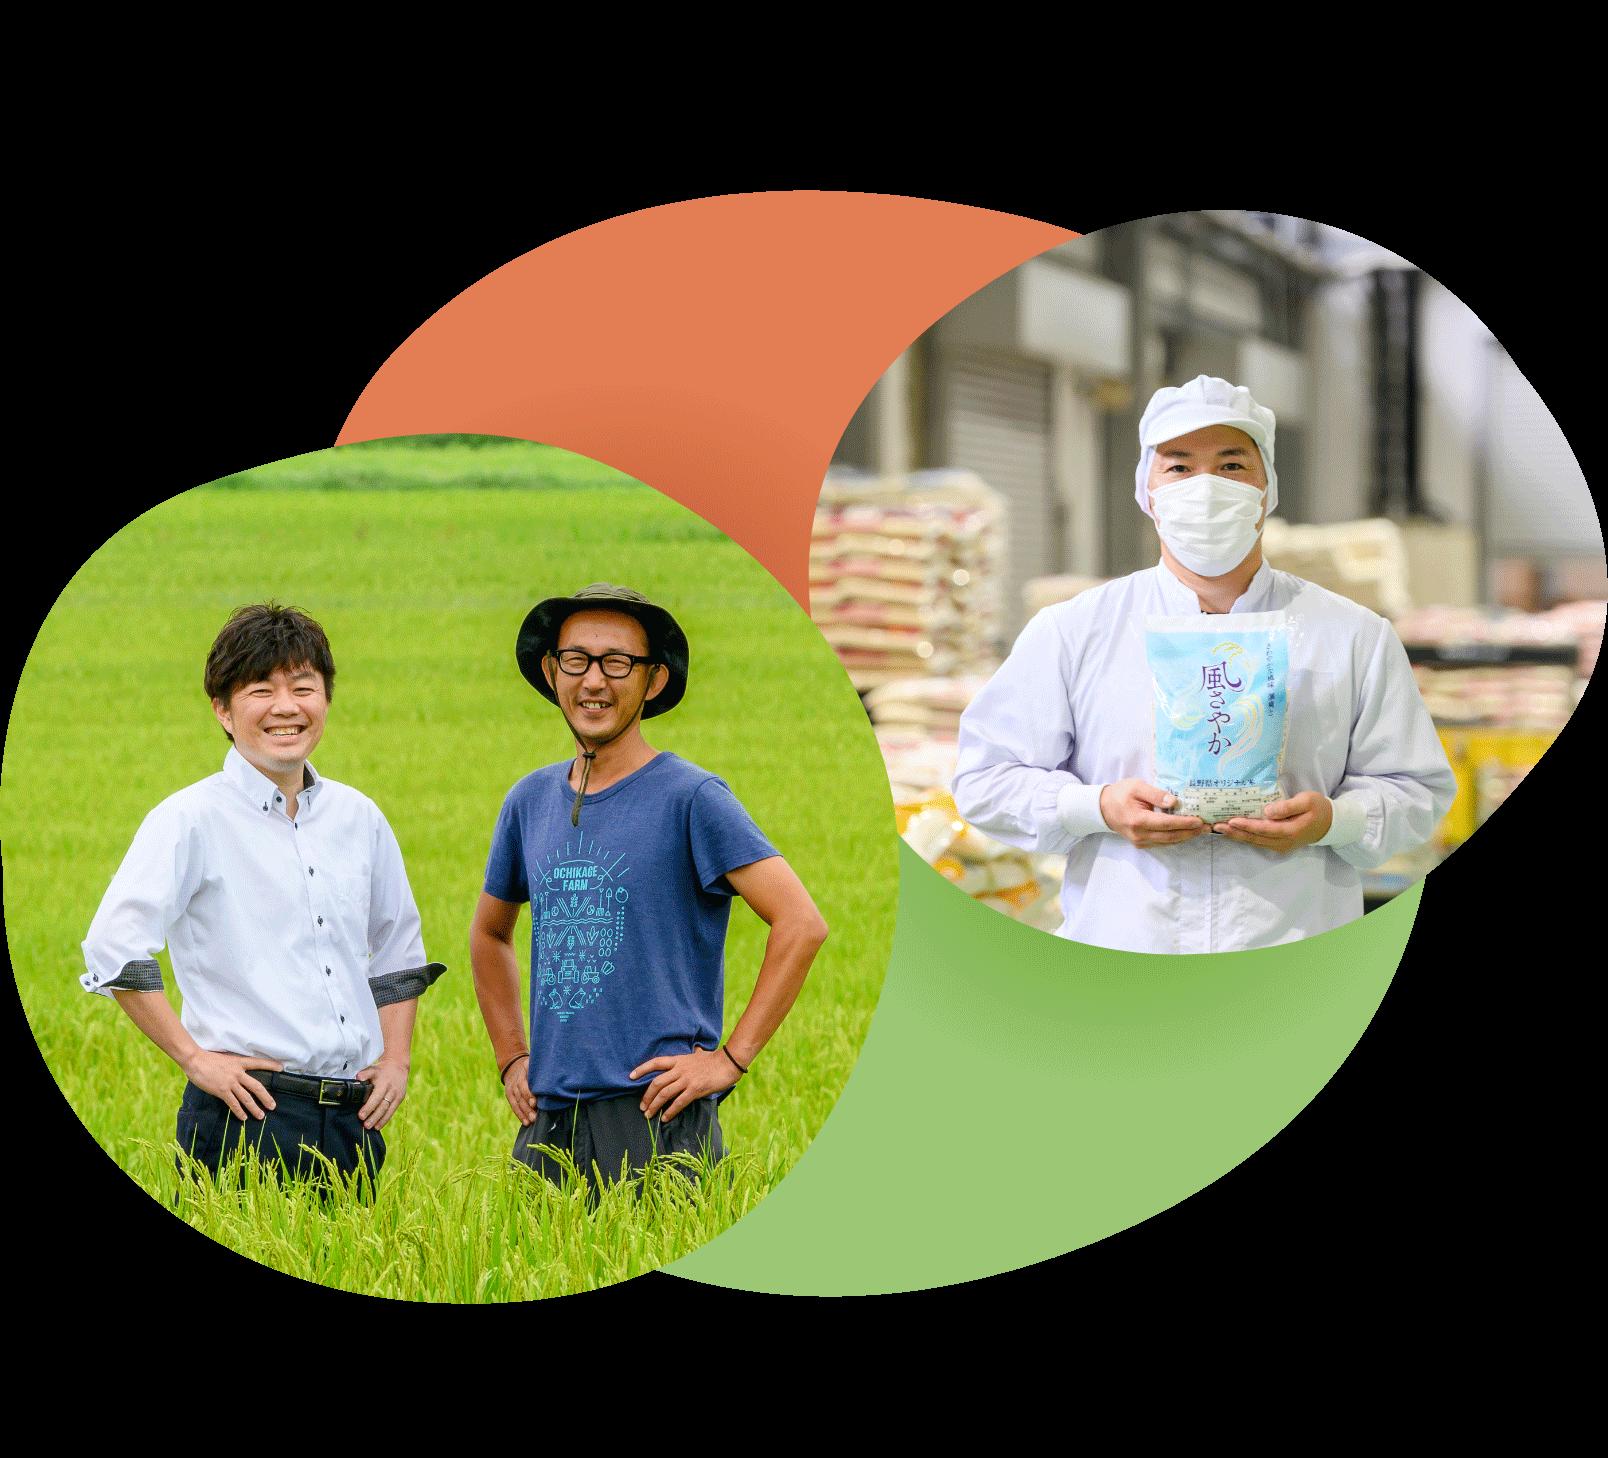 長野のおいしいお米を作り手から、あなたへ届ける精米工場担当者 長野米のベイクック